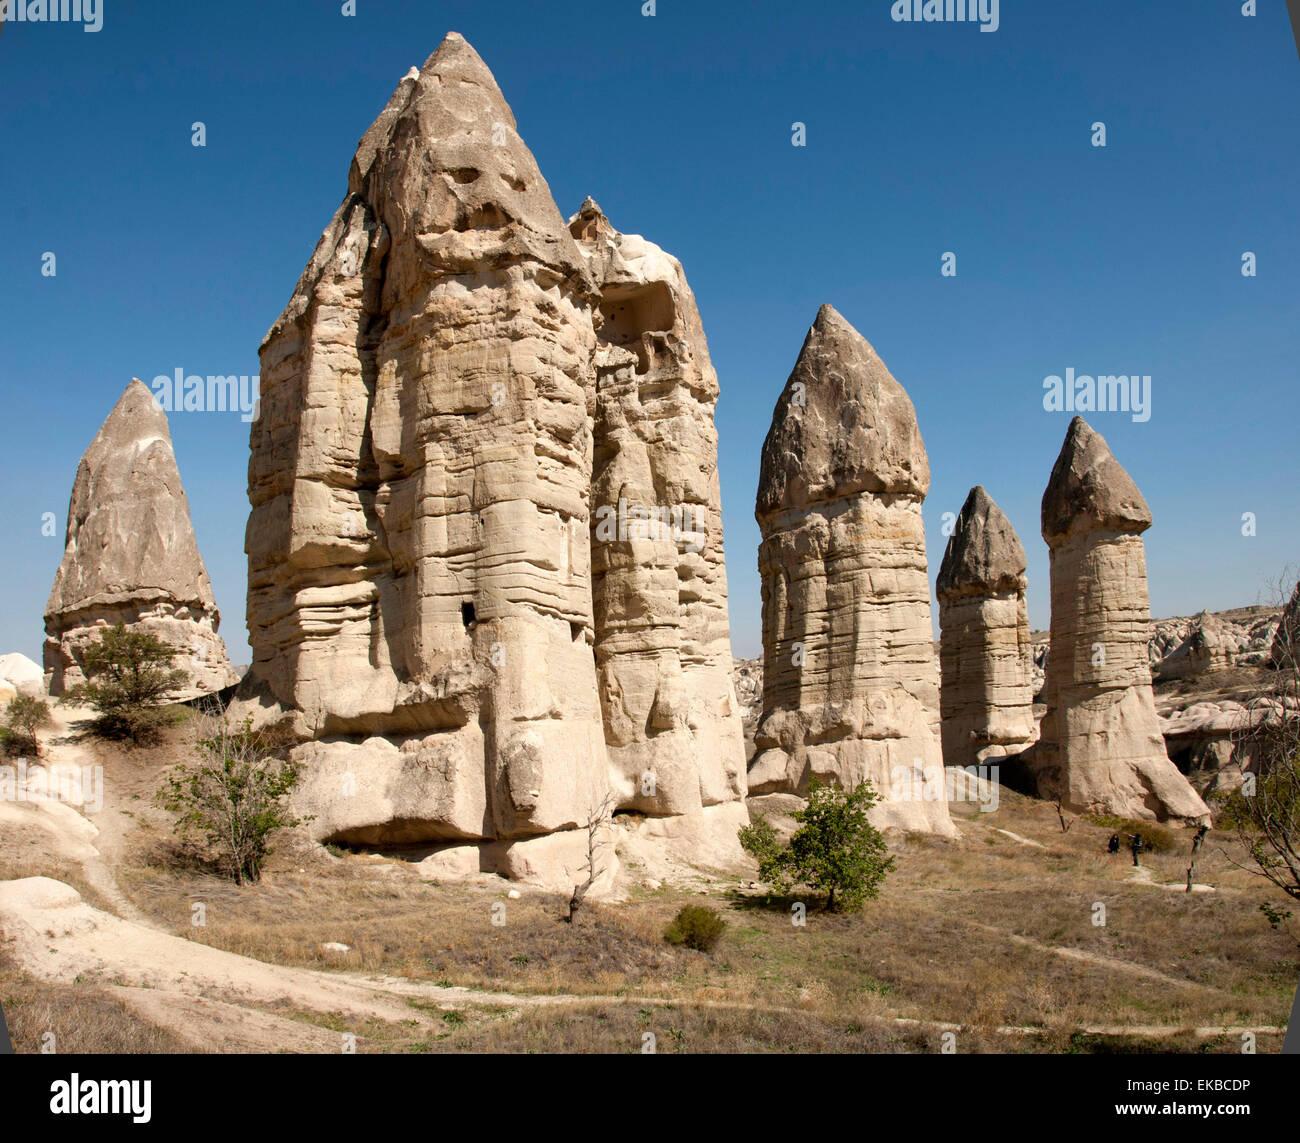 Pinacles naturel dans les cendres volcaniques, Zemi Valley, Goreme, UNESCO, Cappadoce, Anatolie, Turquie, Asie mineure, Photo Stock